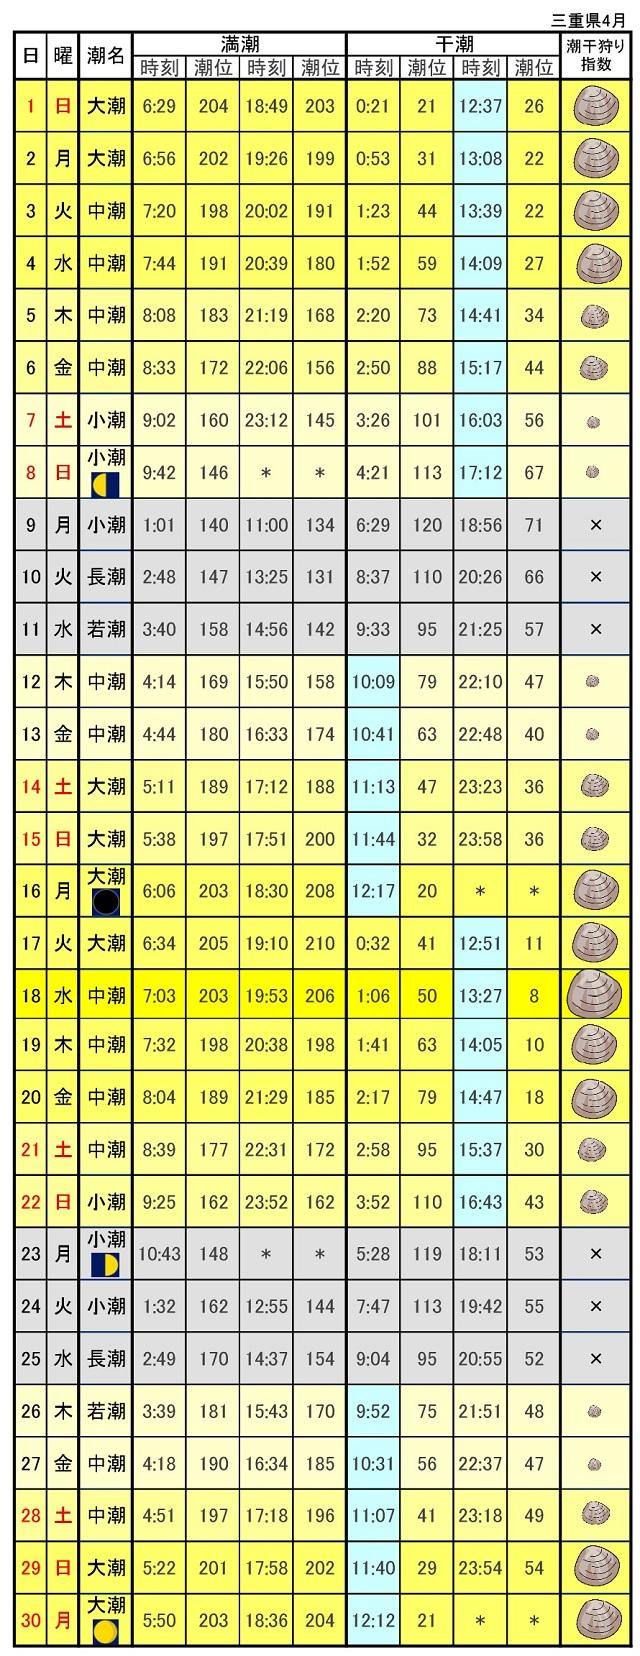 三重県潮見表潮汐表2018年4月